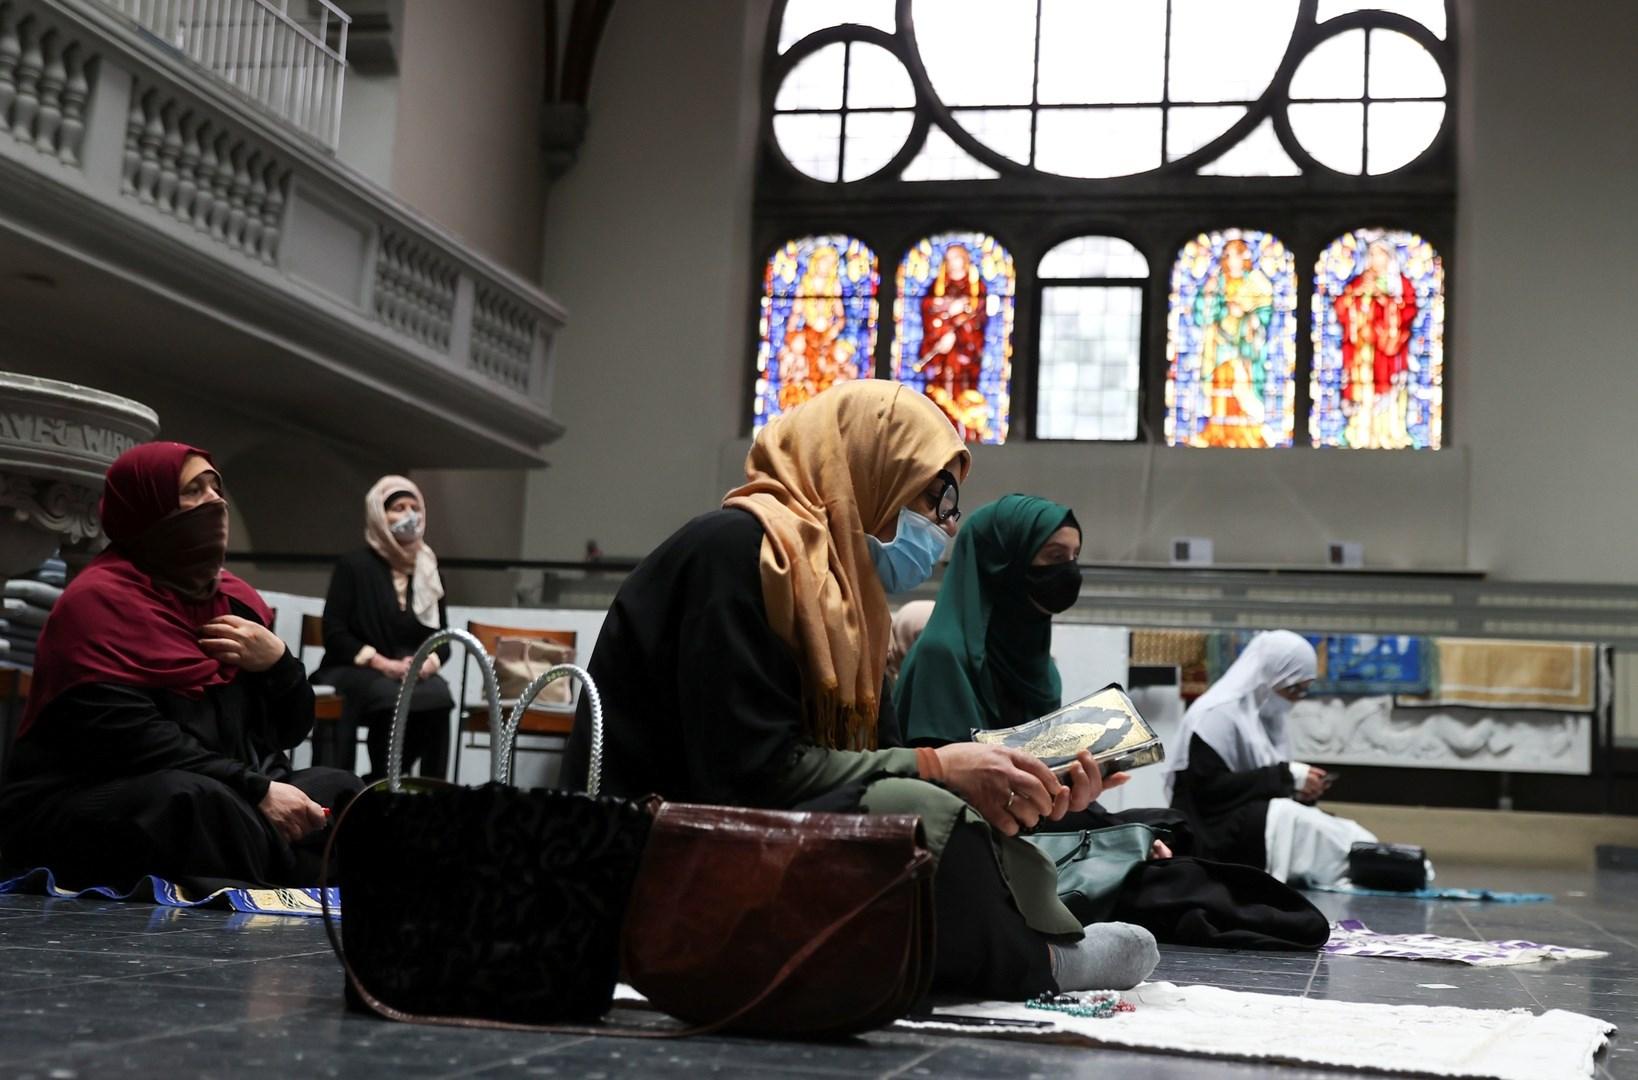 فيروس كورونا يجمع المصلين المسلمين في كنيسة ببرلين